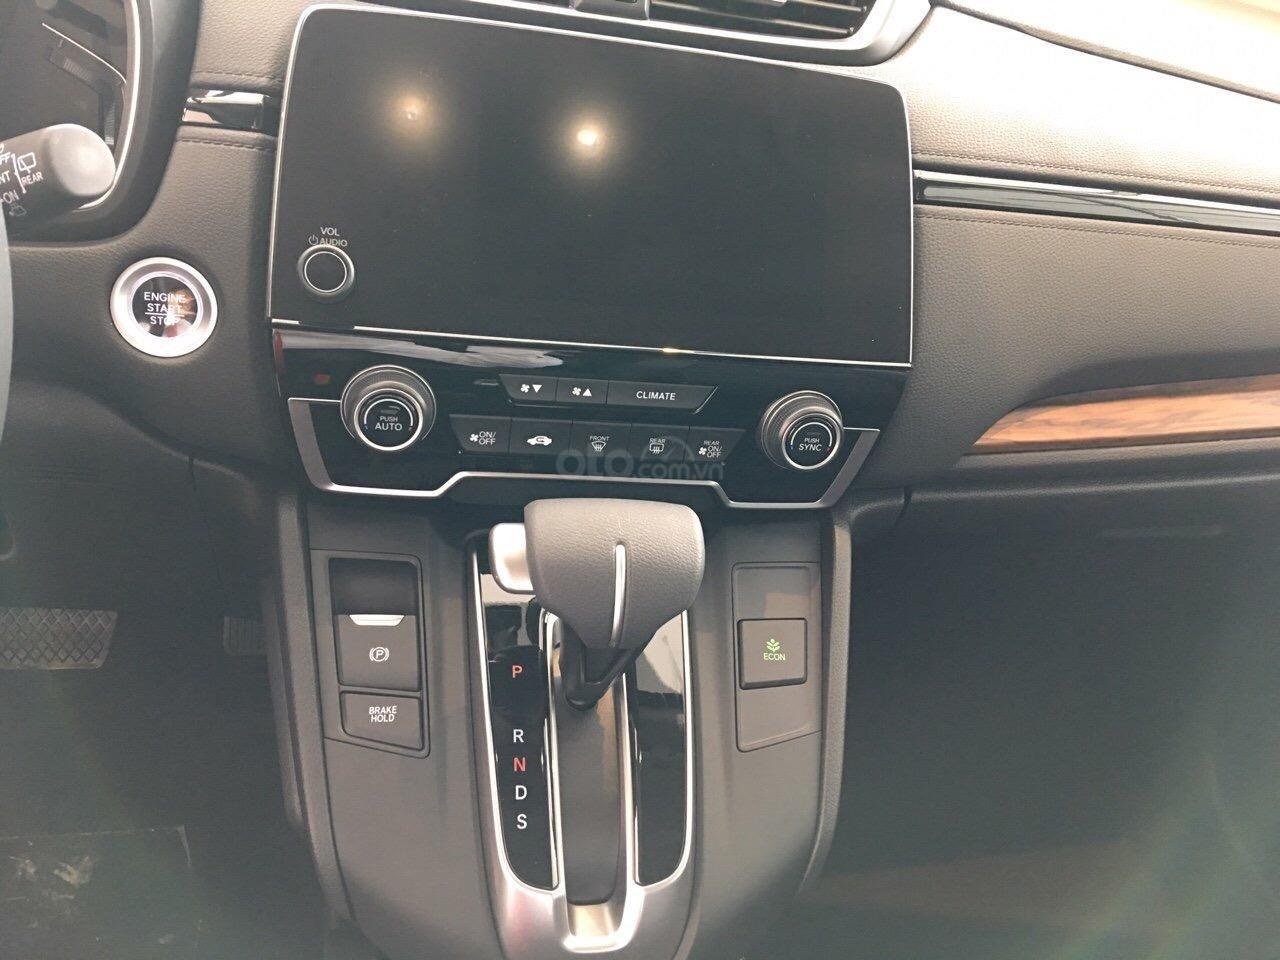 Honda CRV L đen - mới 100%, xe giao tháng 5, LH 0909.615.944 để nhận báo giá tốt nhất-9